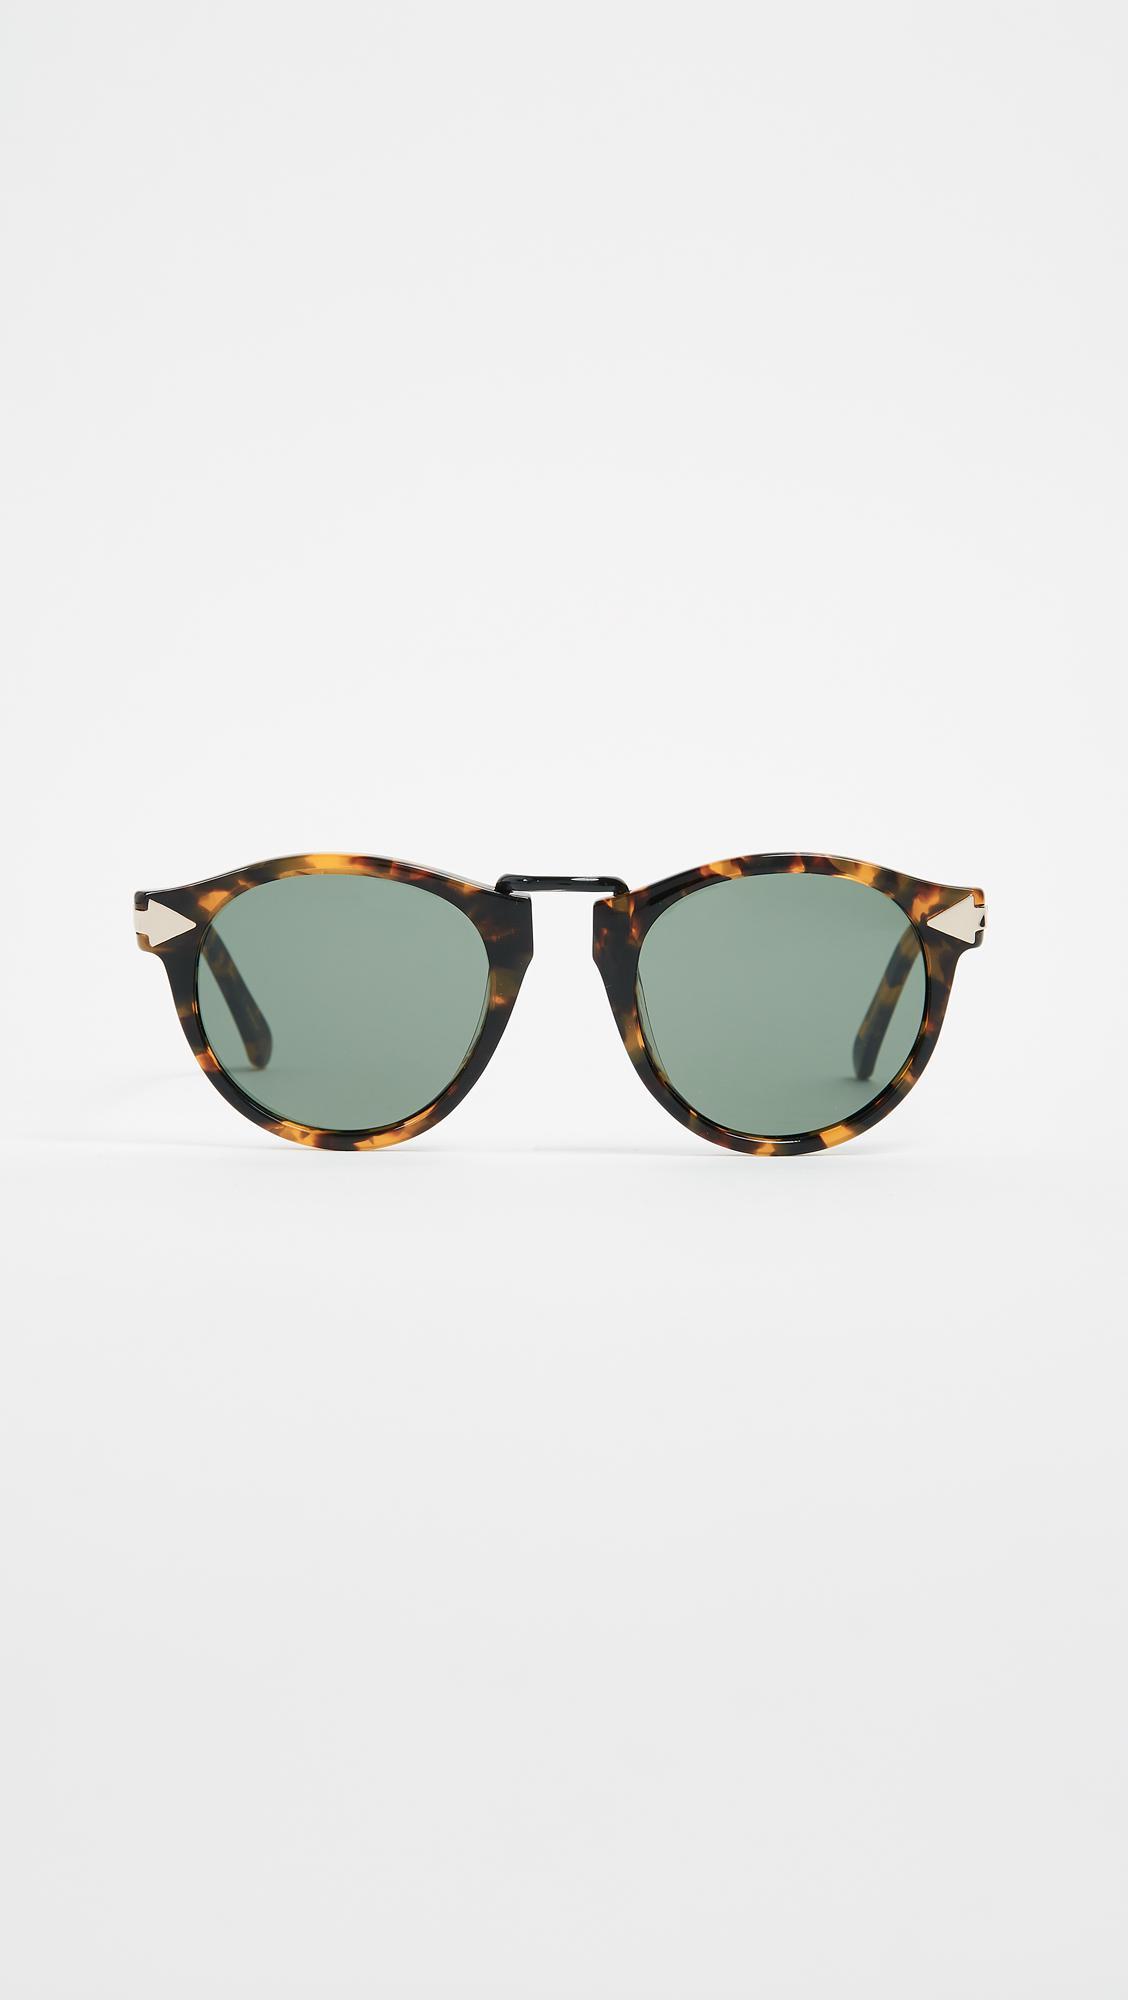 8b865392482 Karen Walker Helter Skelter Sunglasses in Brown - Lyst